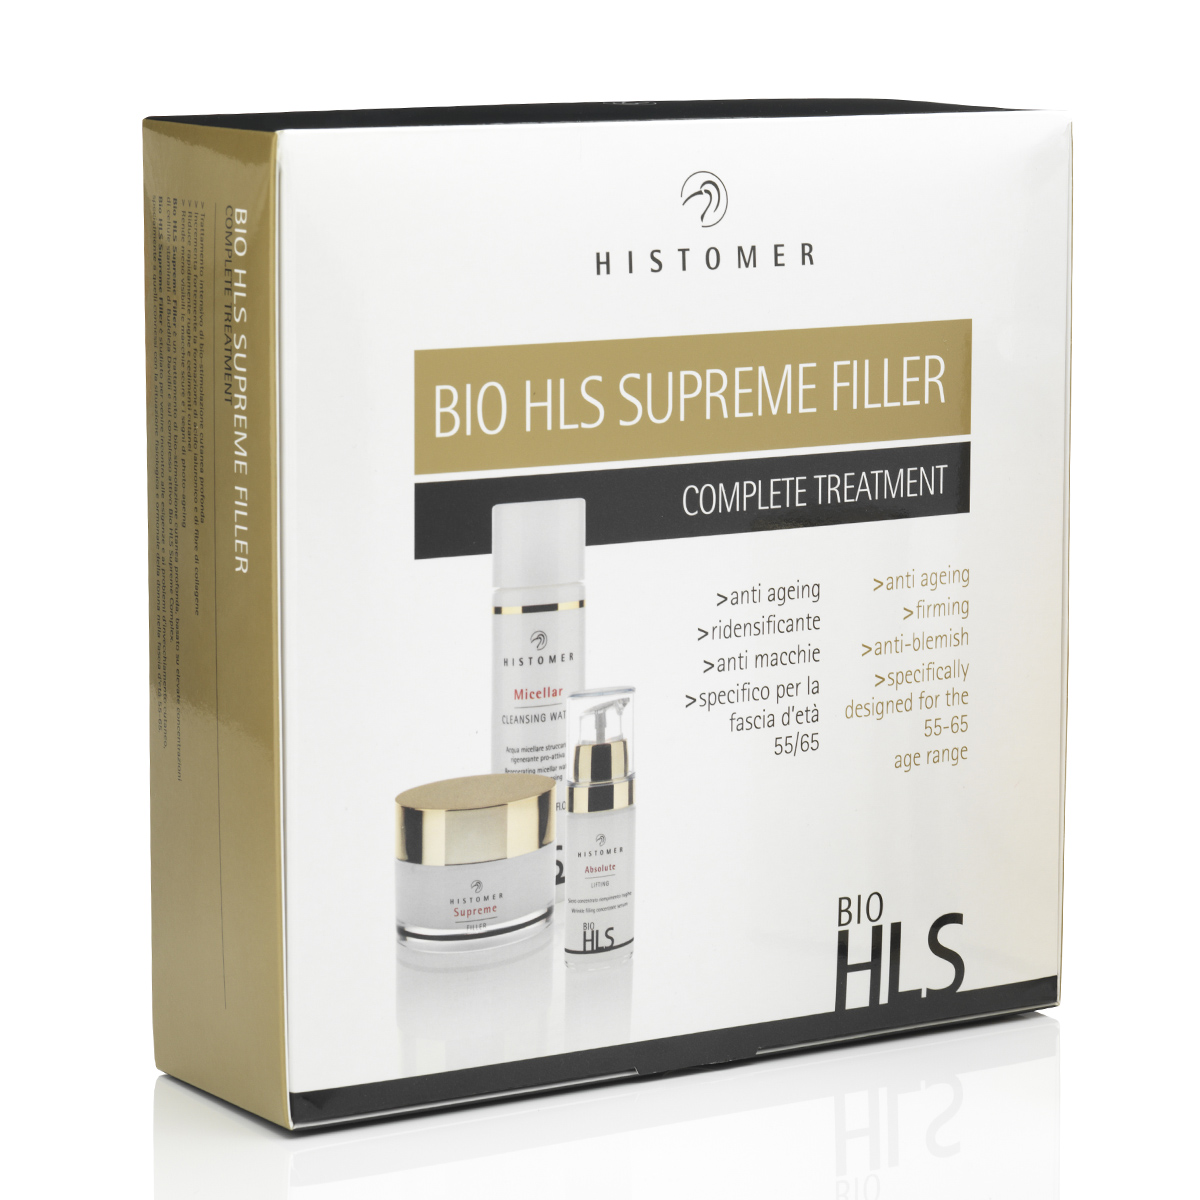 Histomer набор подарочный для лица (мицеллярная вода 200